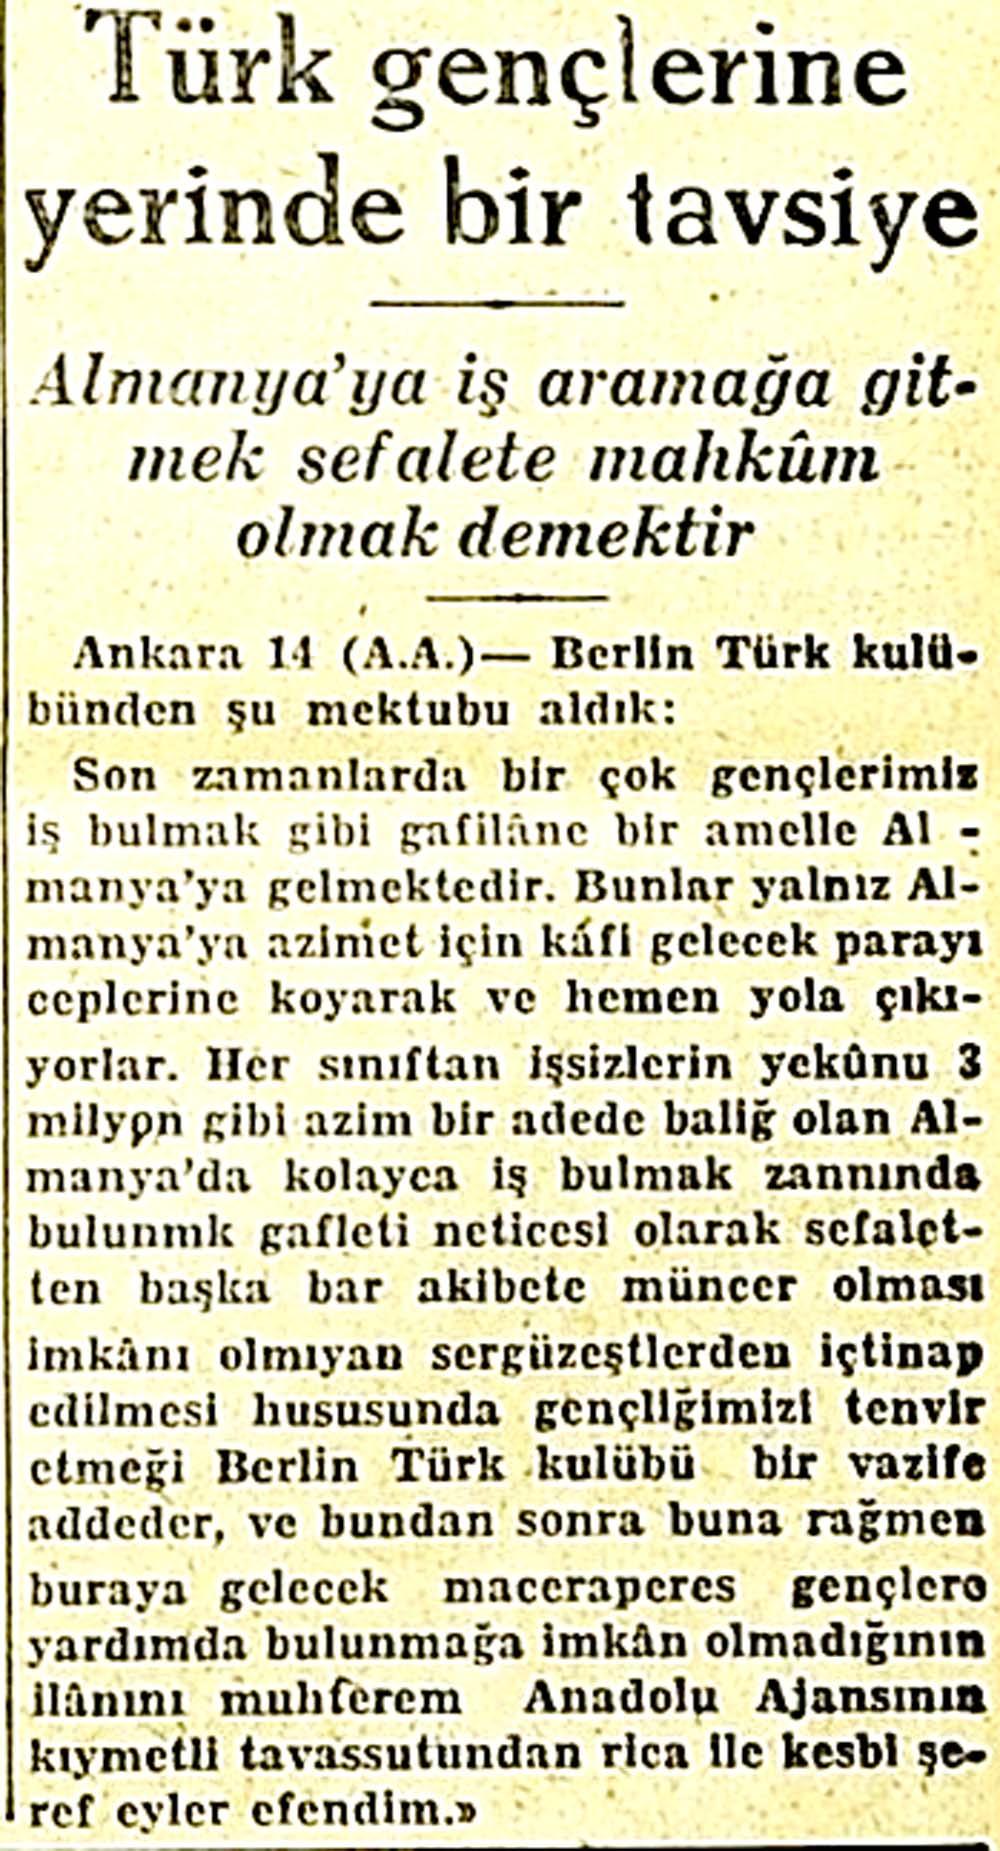 Türk gençlerine yerinde bir tavsiye